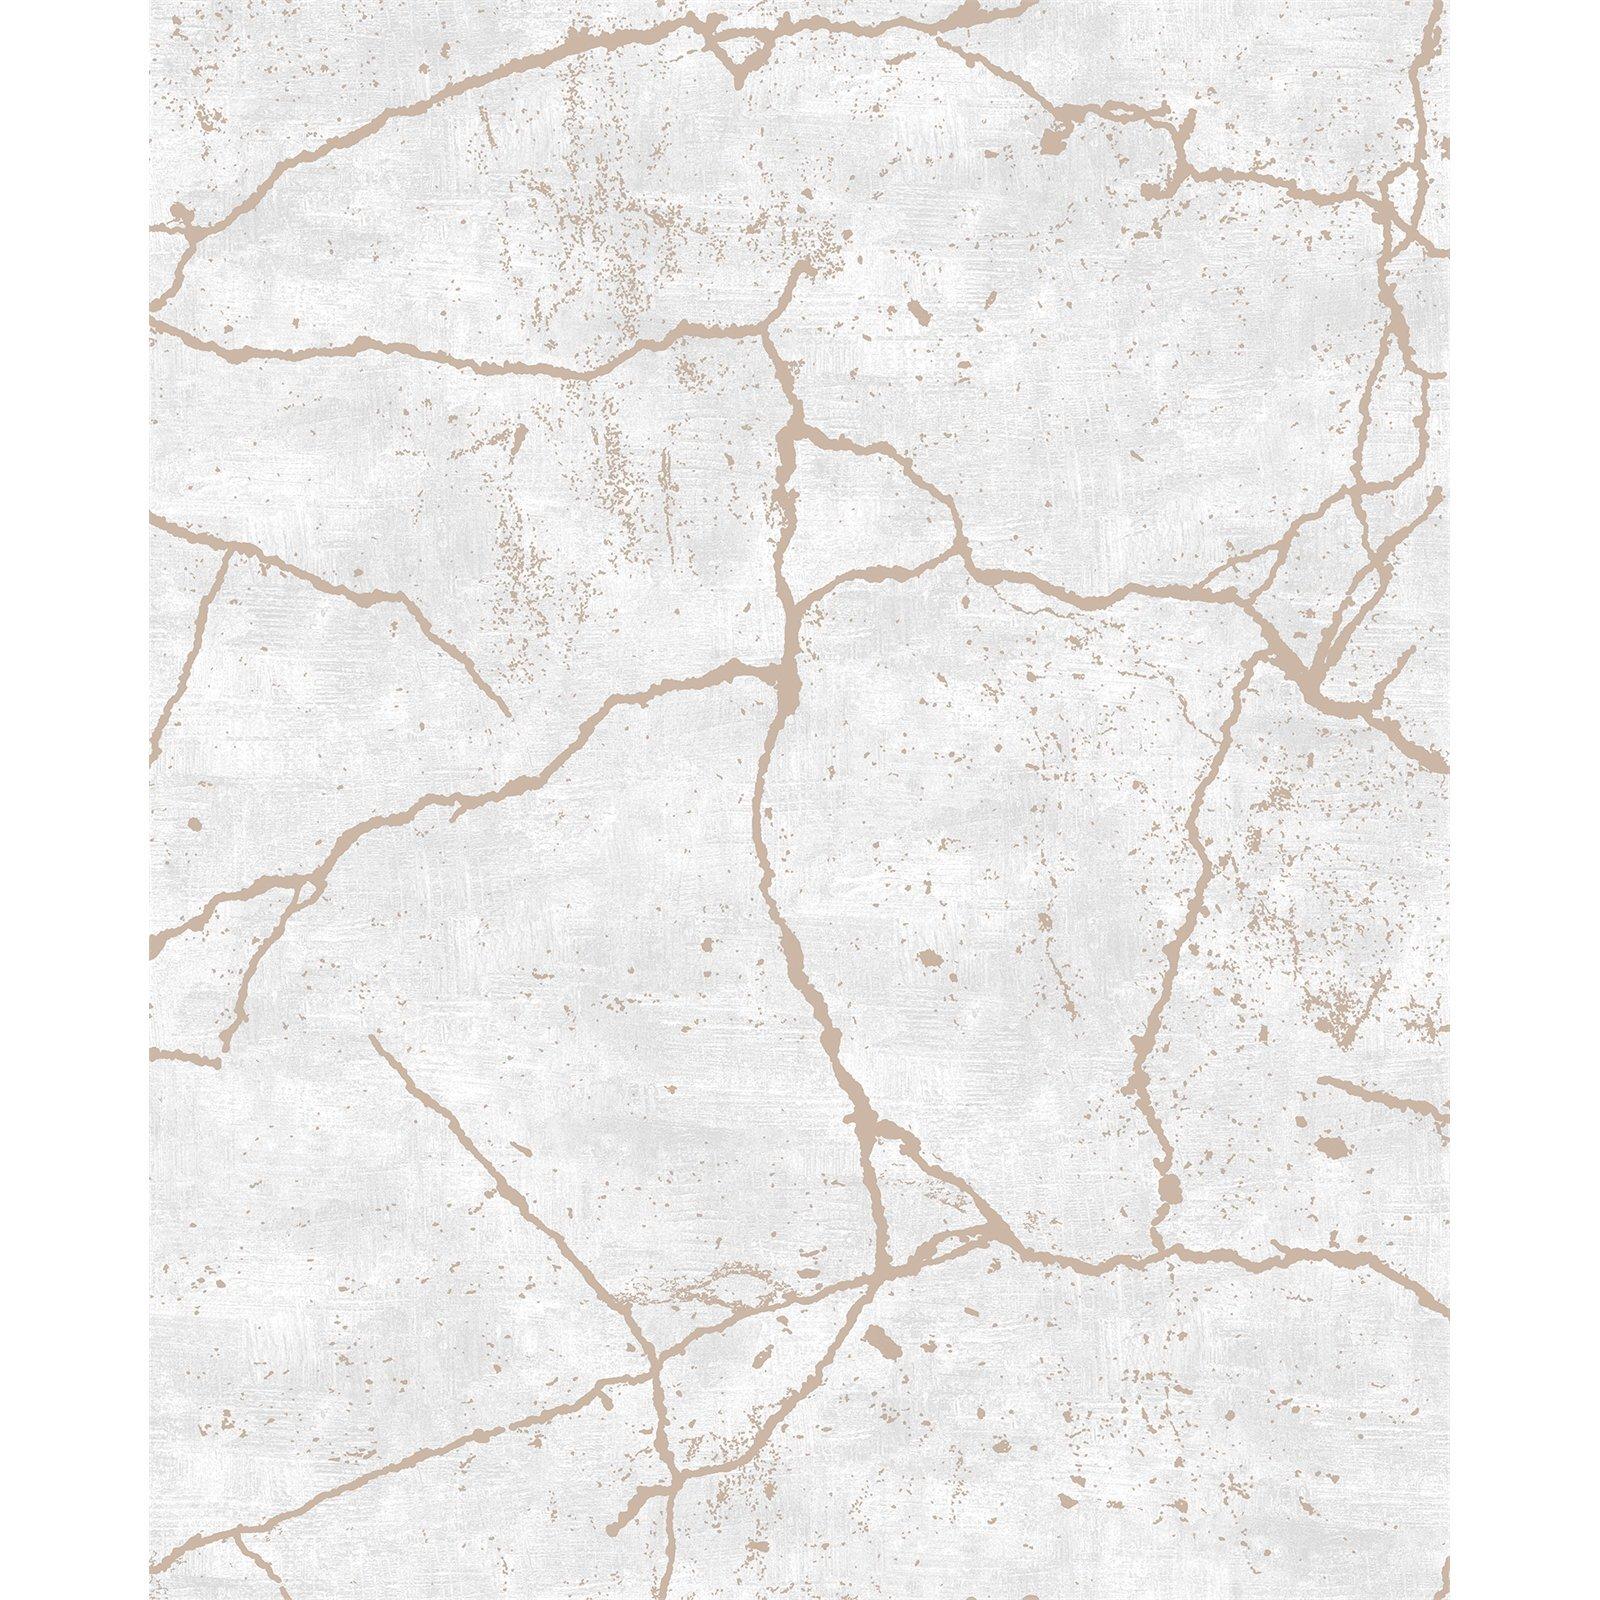 Superfresco Easy 1/2m Rose Gold Kintsugi Wallpaper Sample